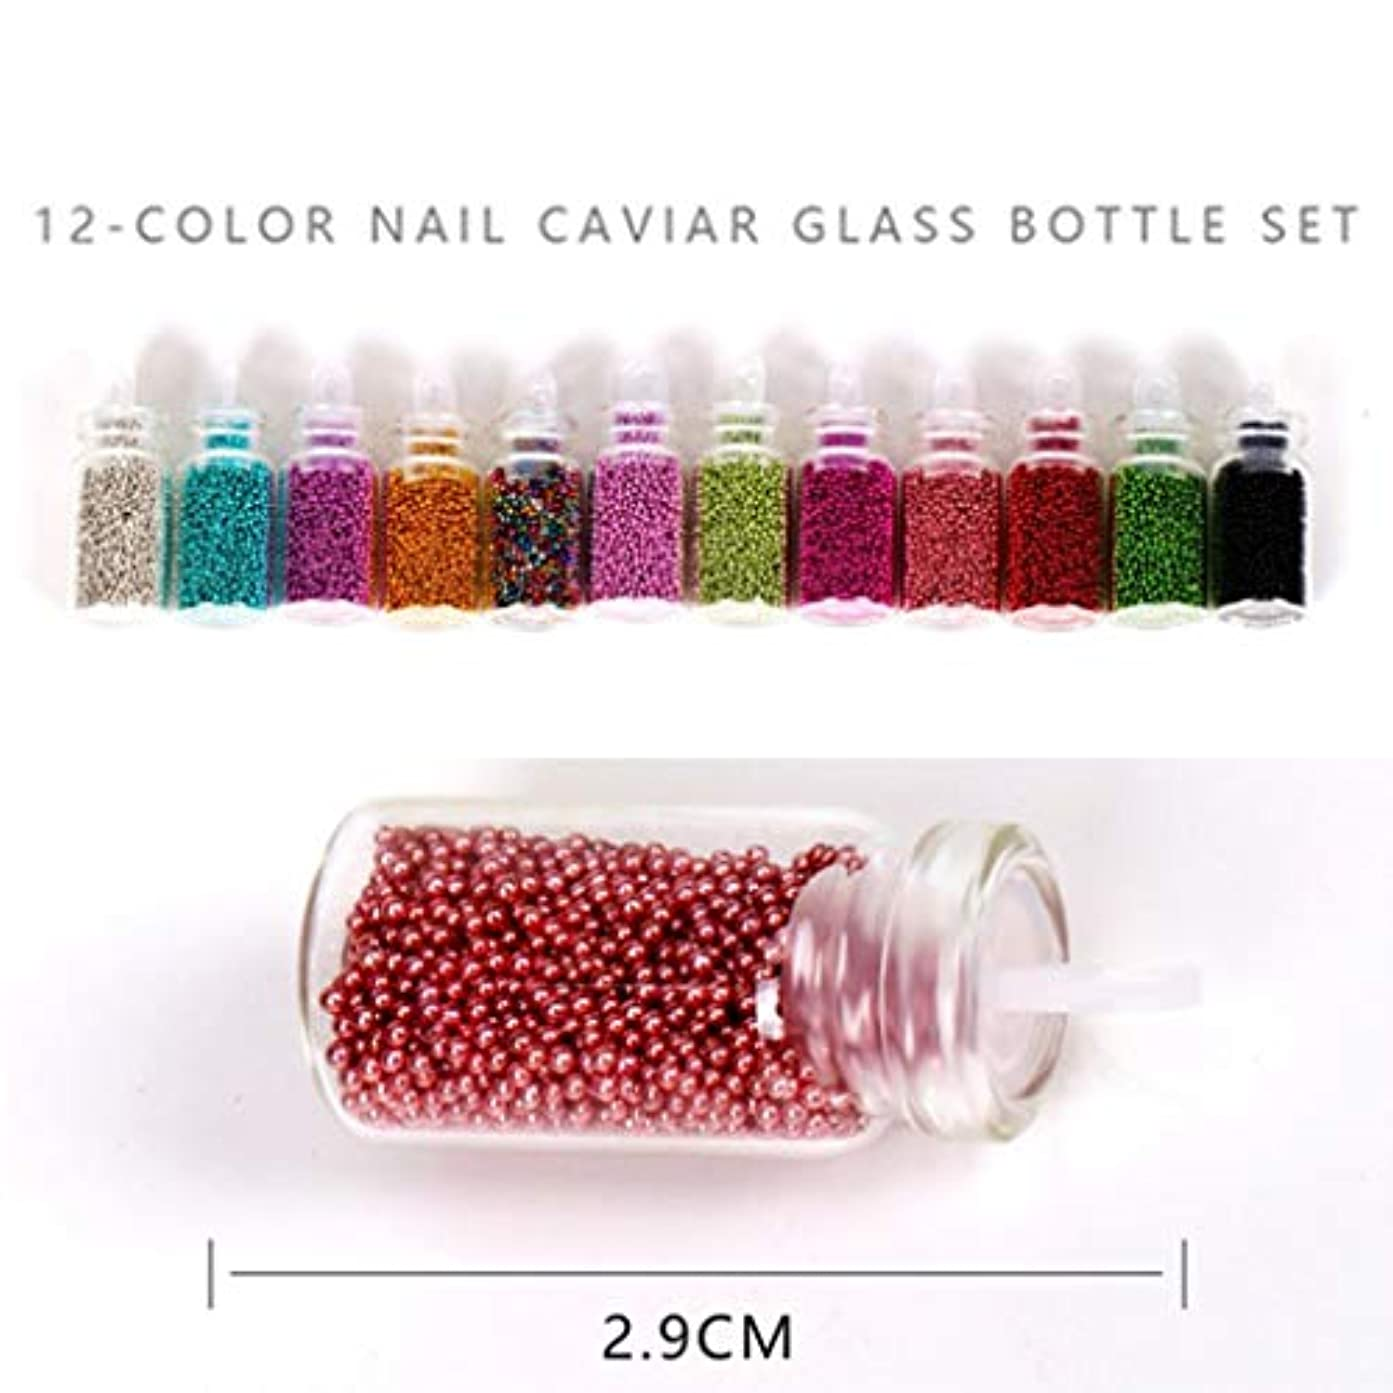 こねる謎めいた明るいWadachikis ホット販売DIYネイルスチールキャビアカラー1 mmスモールスチールボール12色混合カラーネイルアート装飾スーツ(None 12 Color Caviar Set)